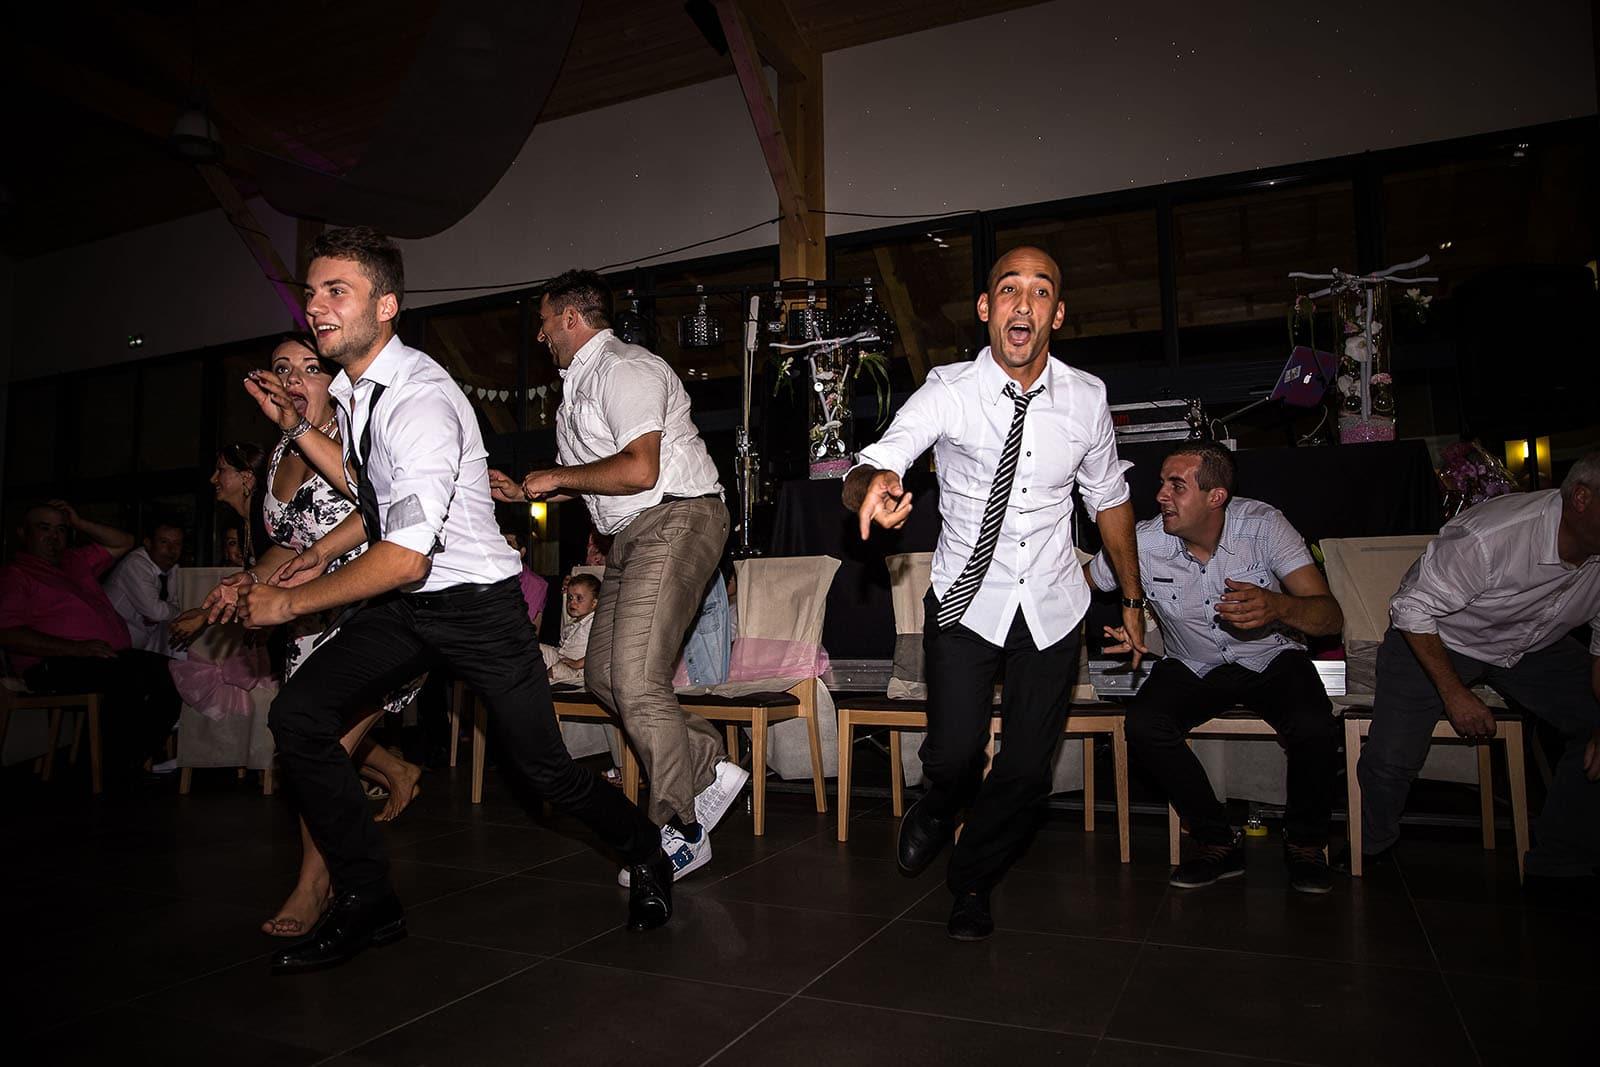 Jeu pendant la soirée du mariage. Photo réalisée par Castille ALMA photographe de mariage à Chambéry.